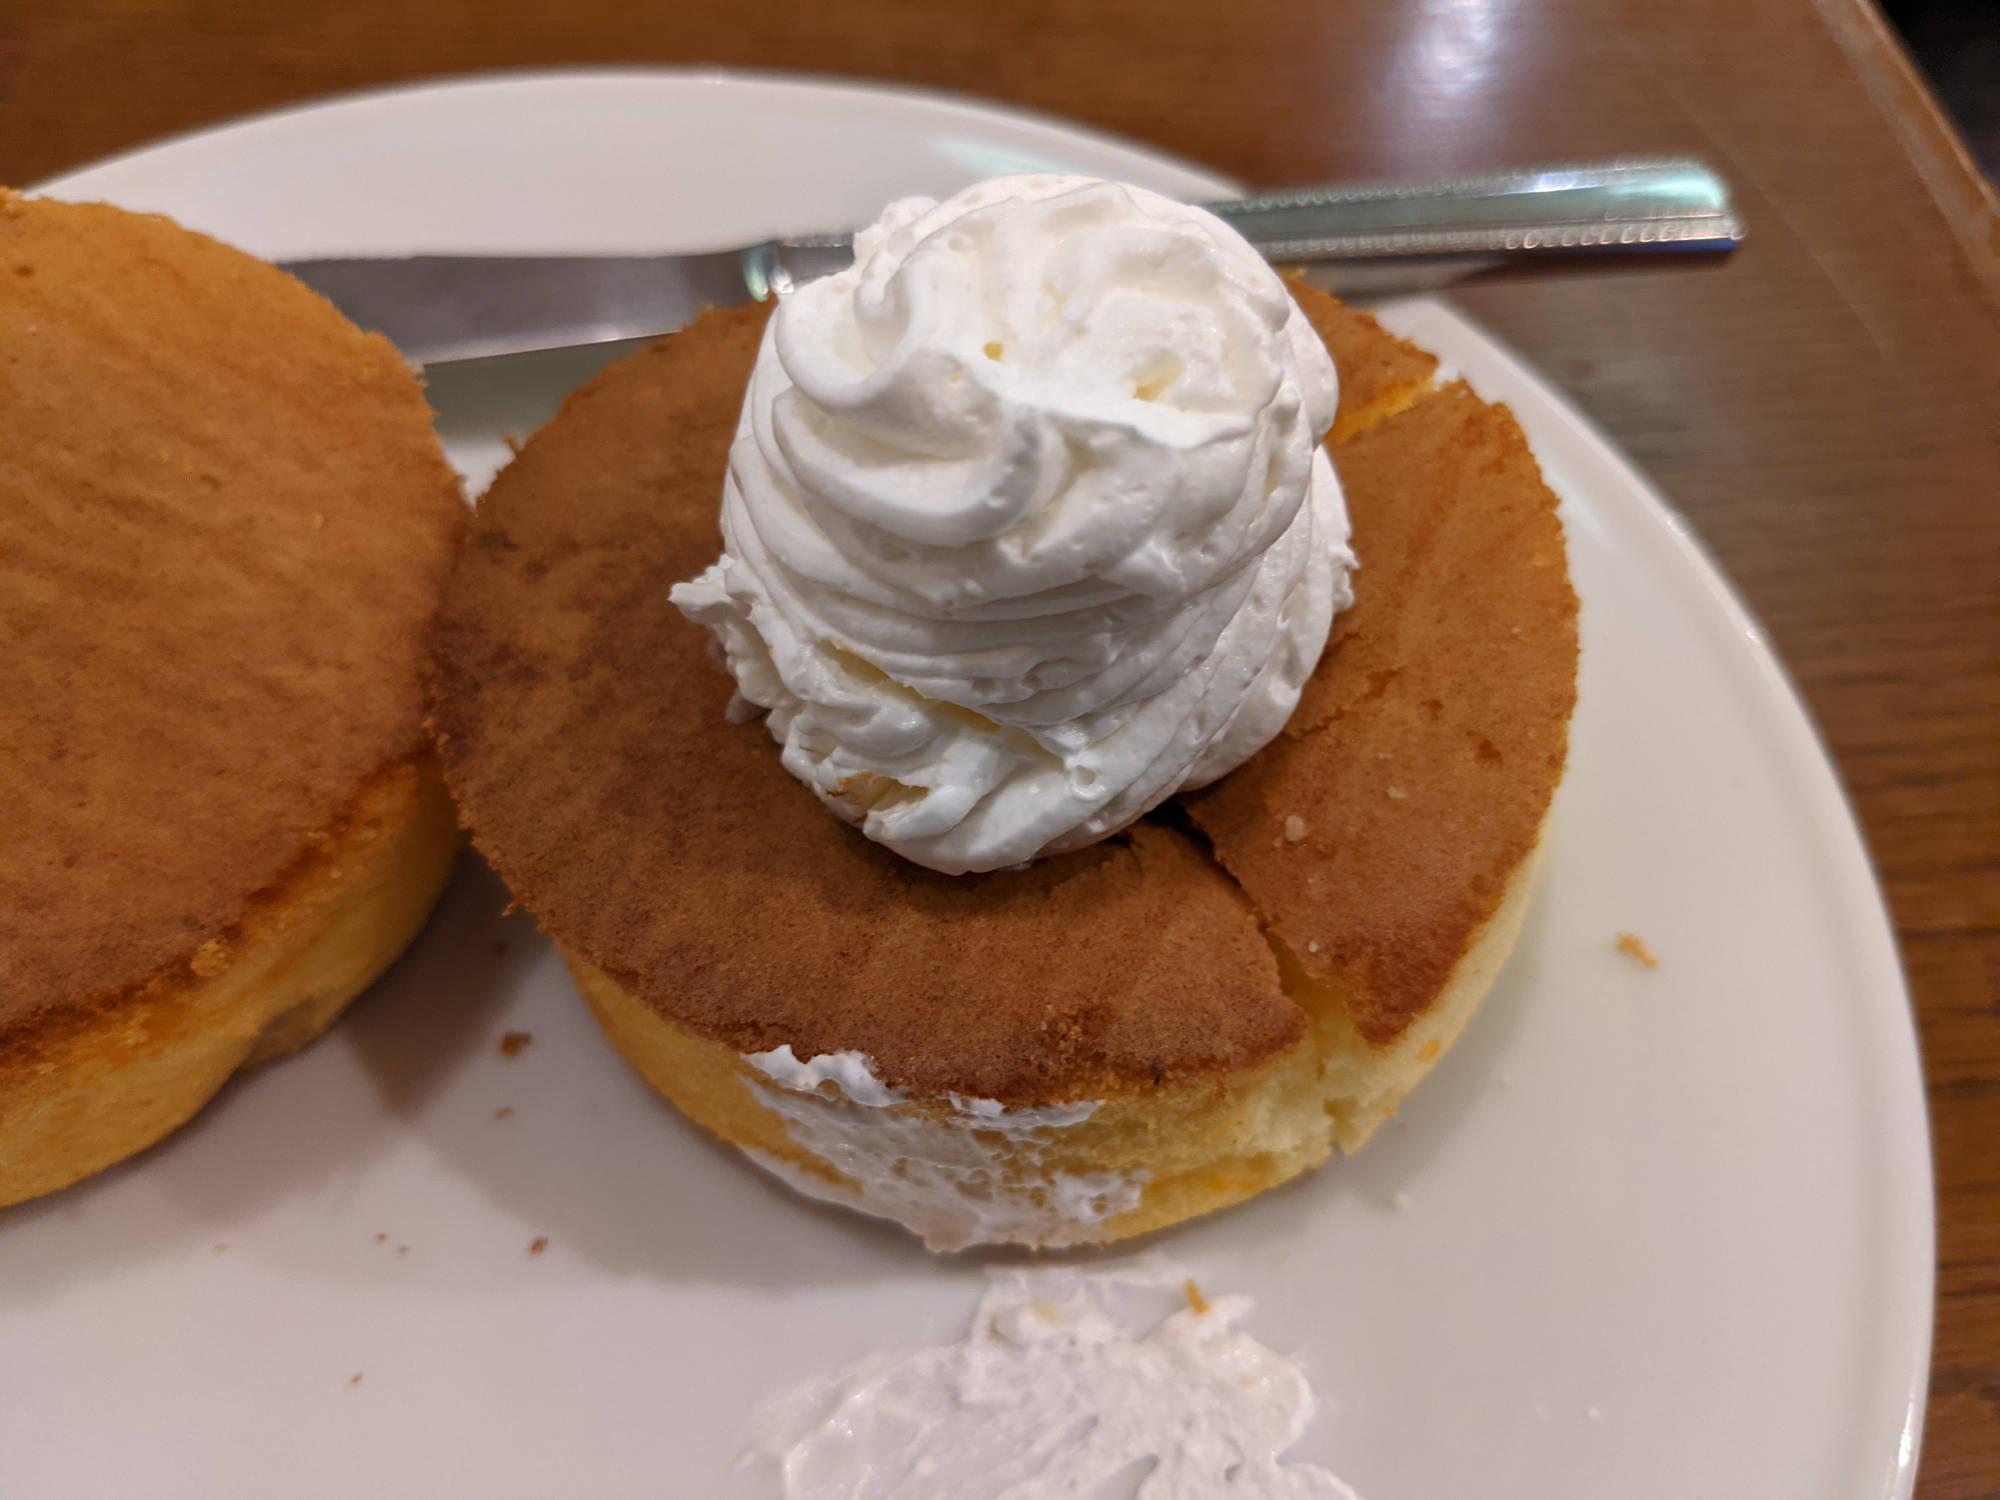 生クリームを乗せたスフレパンケーキ